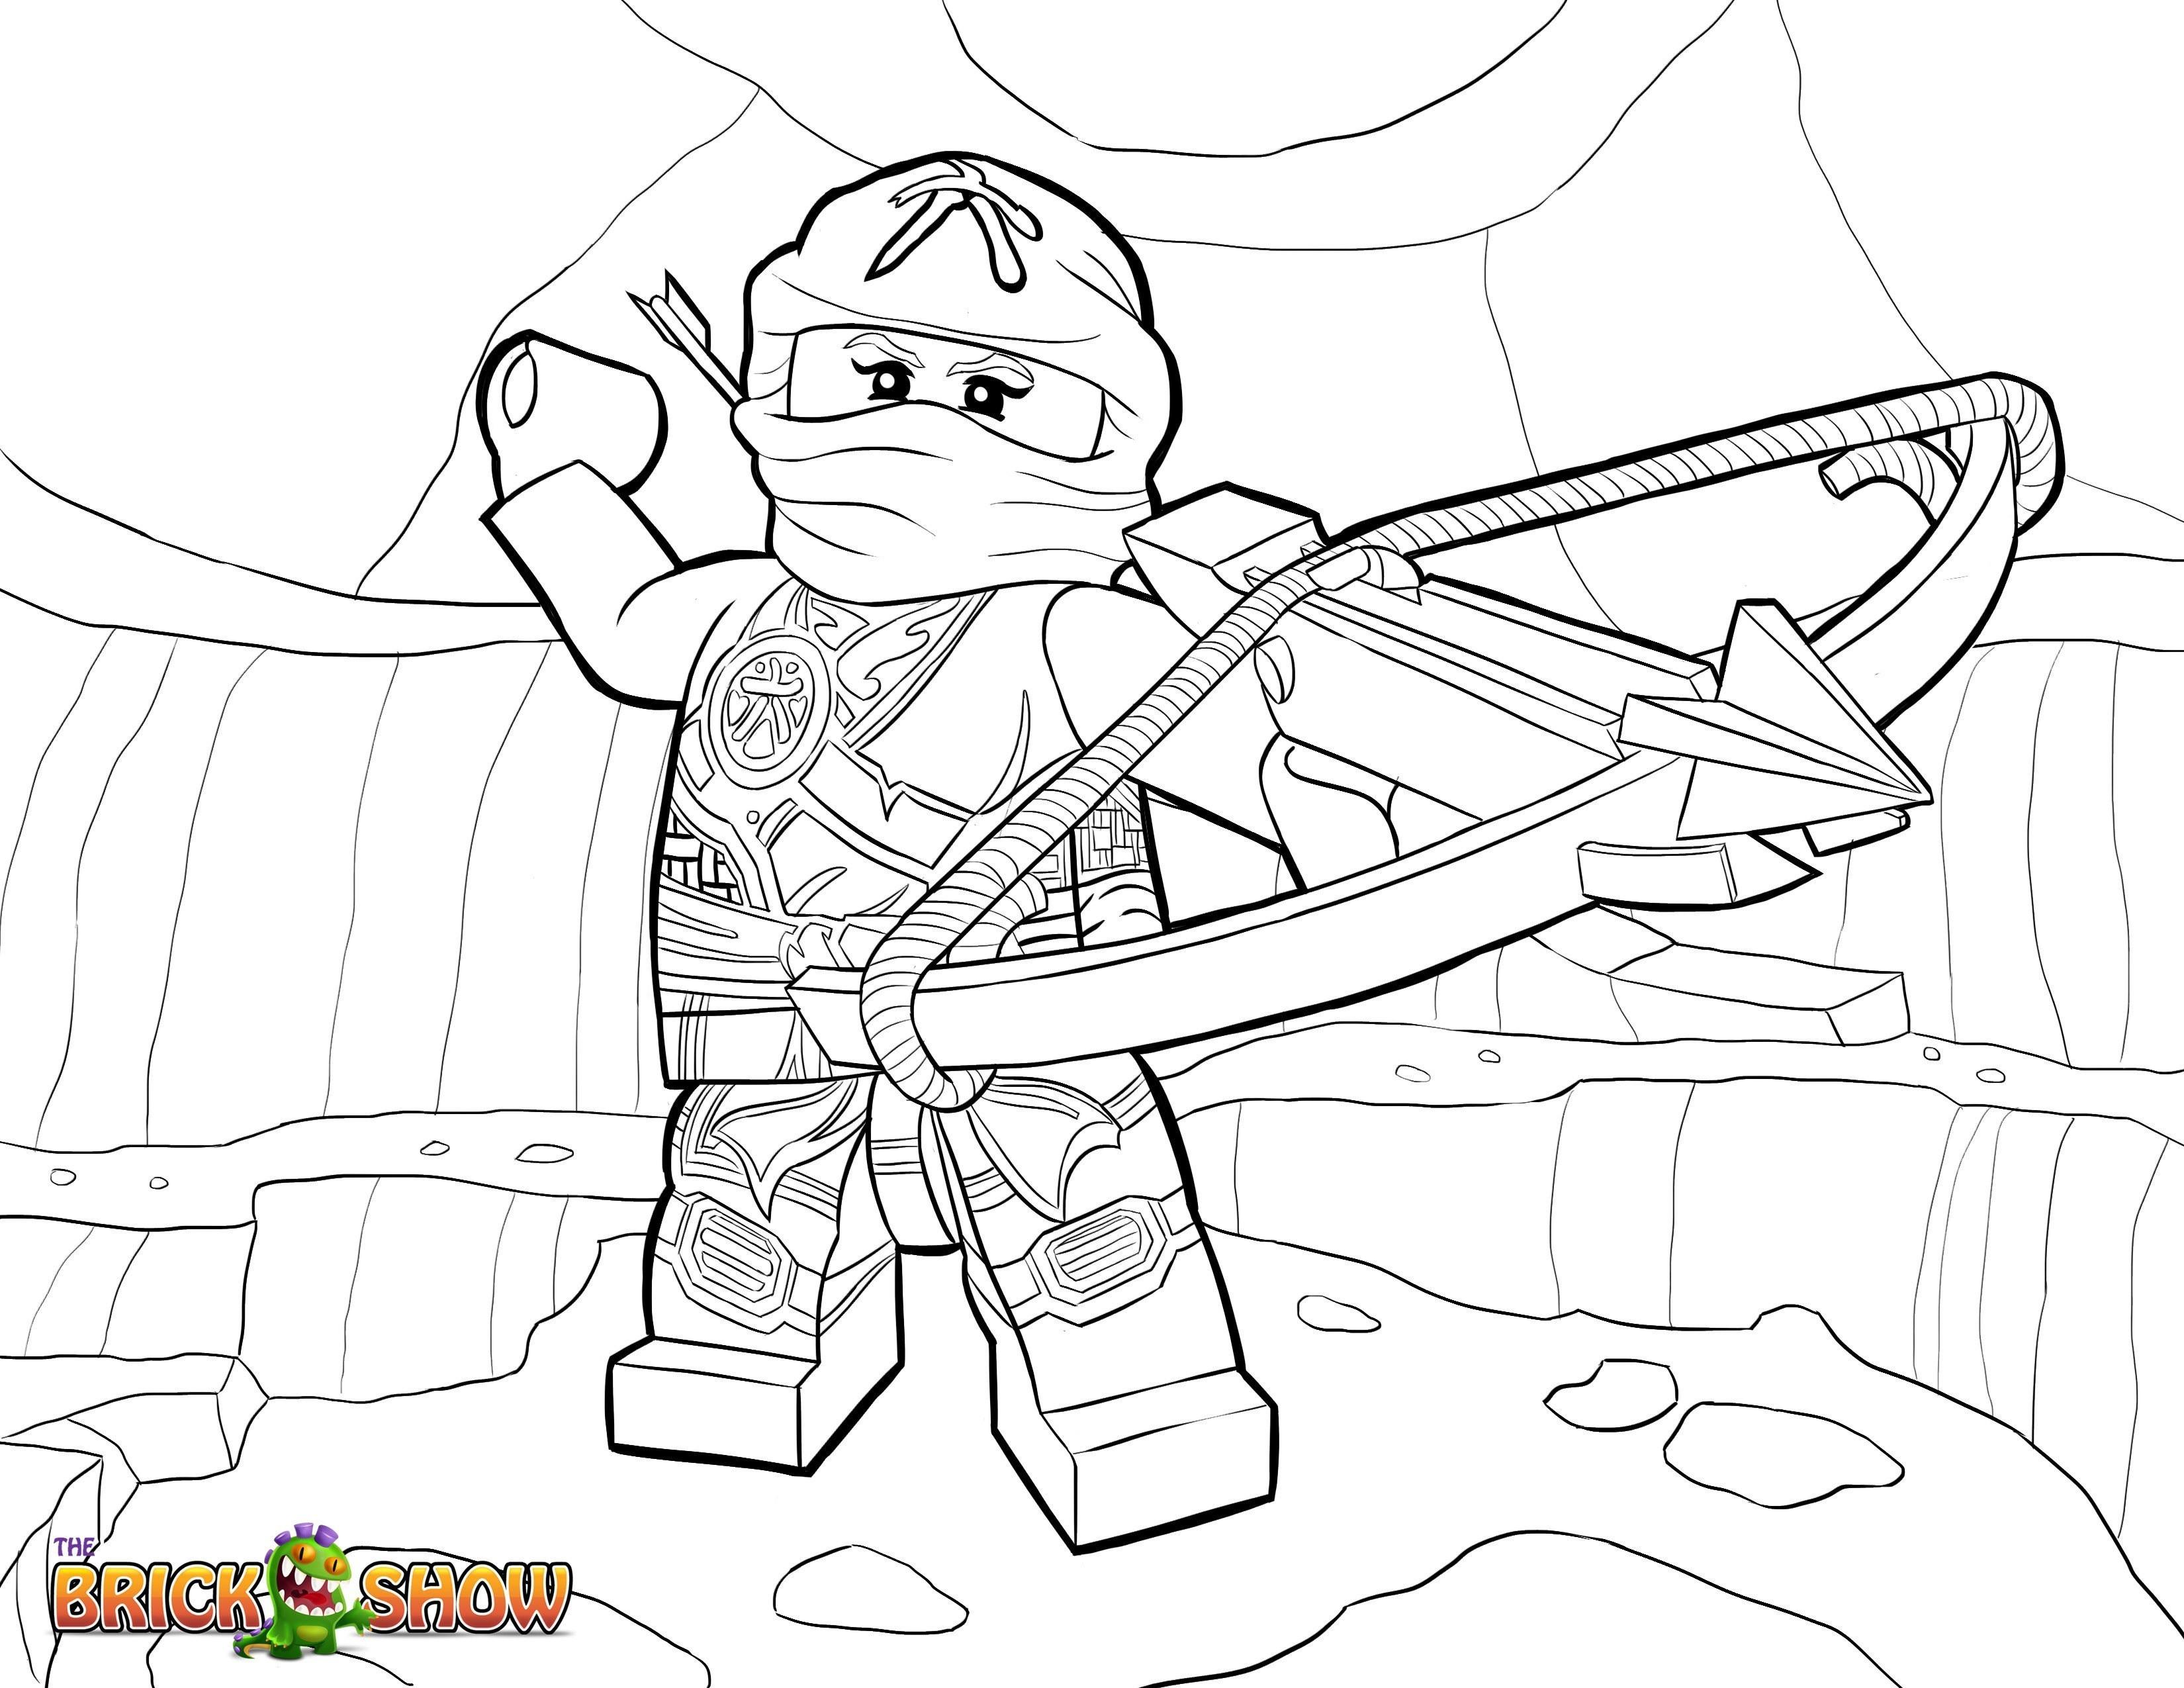 Ausmalbilder Star Wars Lego Neu 10 Malvorlagen Star Wars Raumschiffe My Blog Fotos